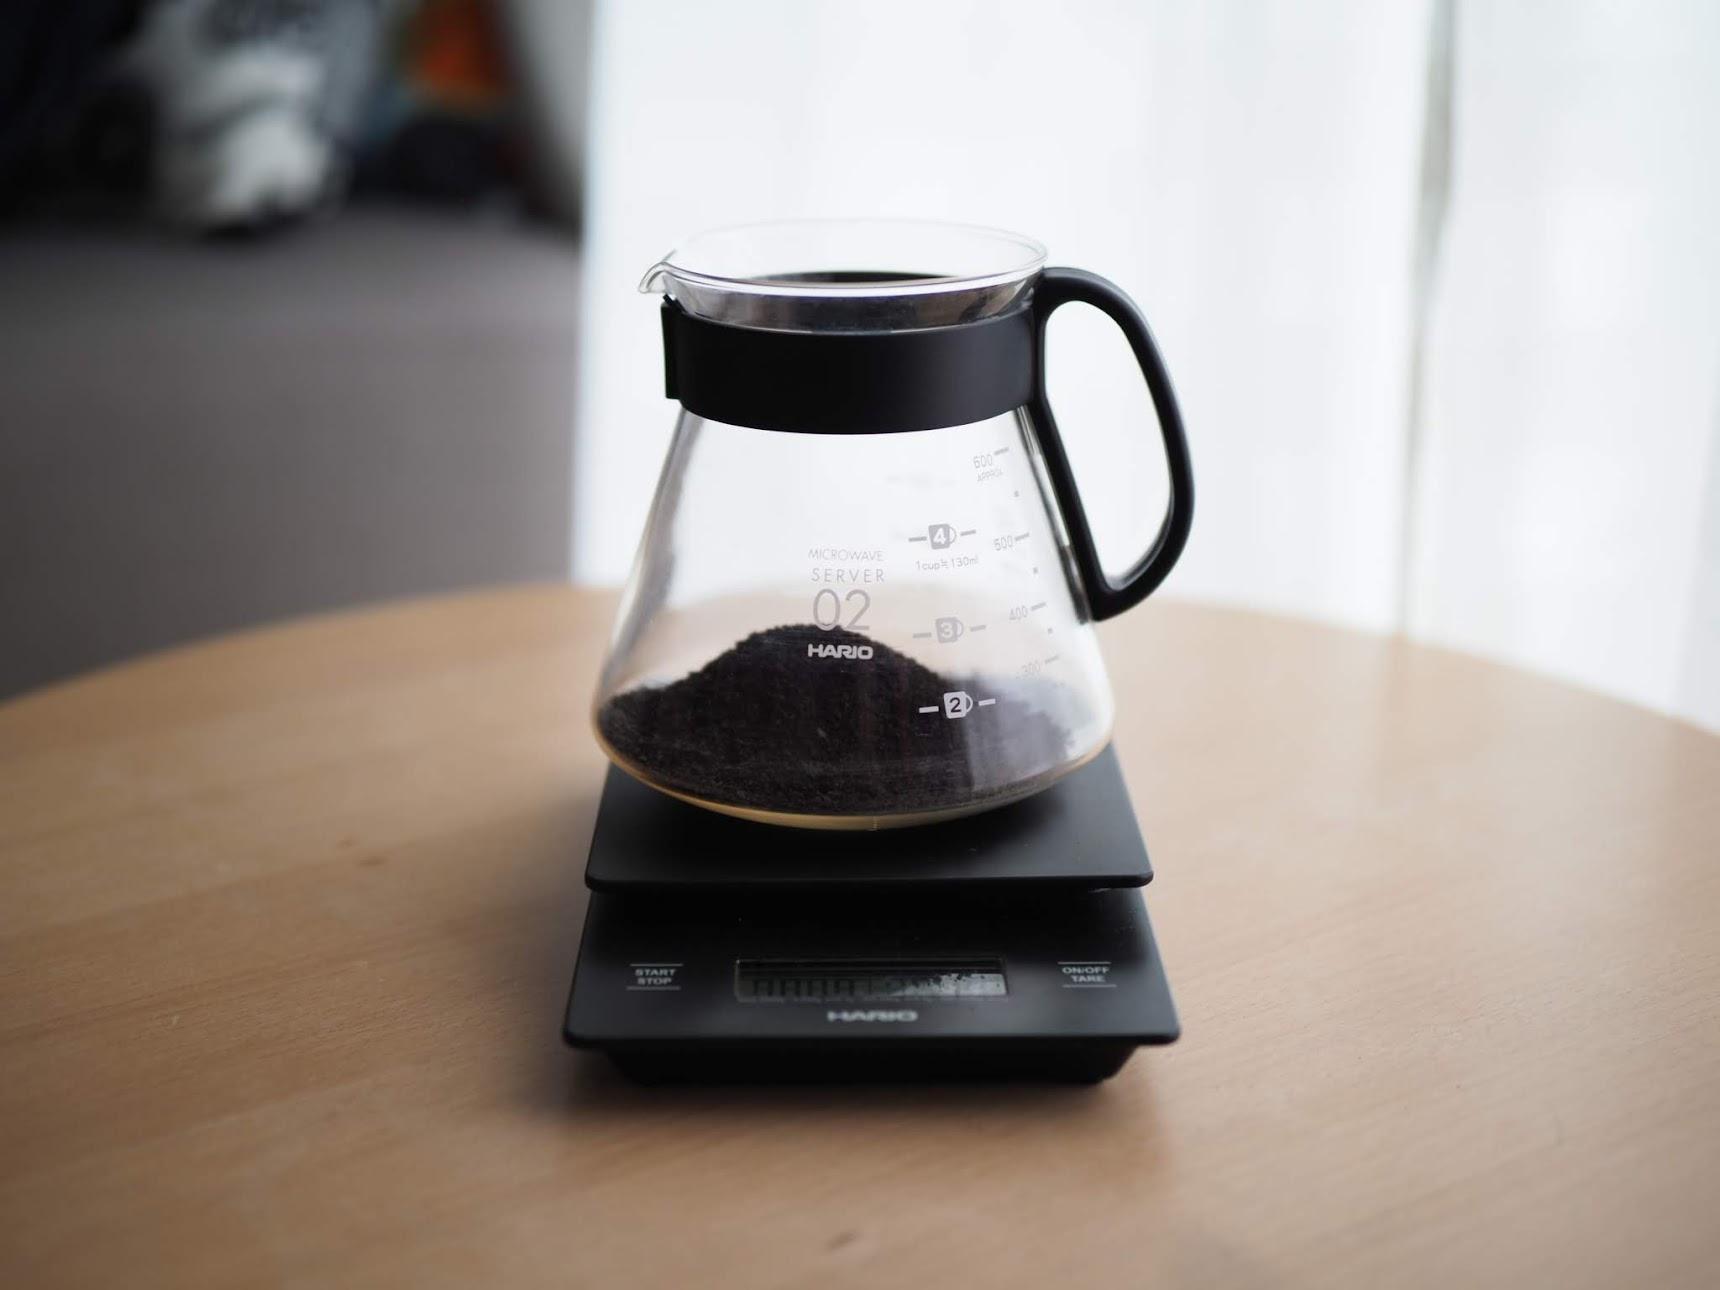 コーヒーサーバーに細挽きコーヒーを入れる